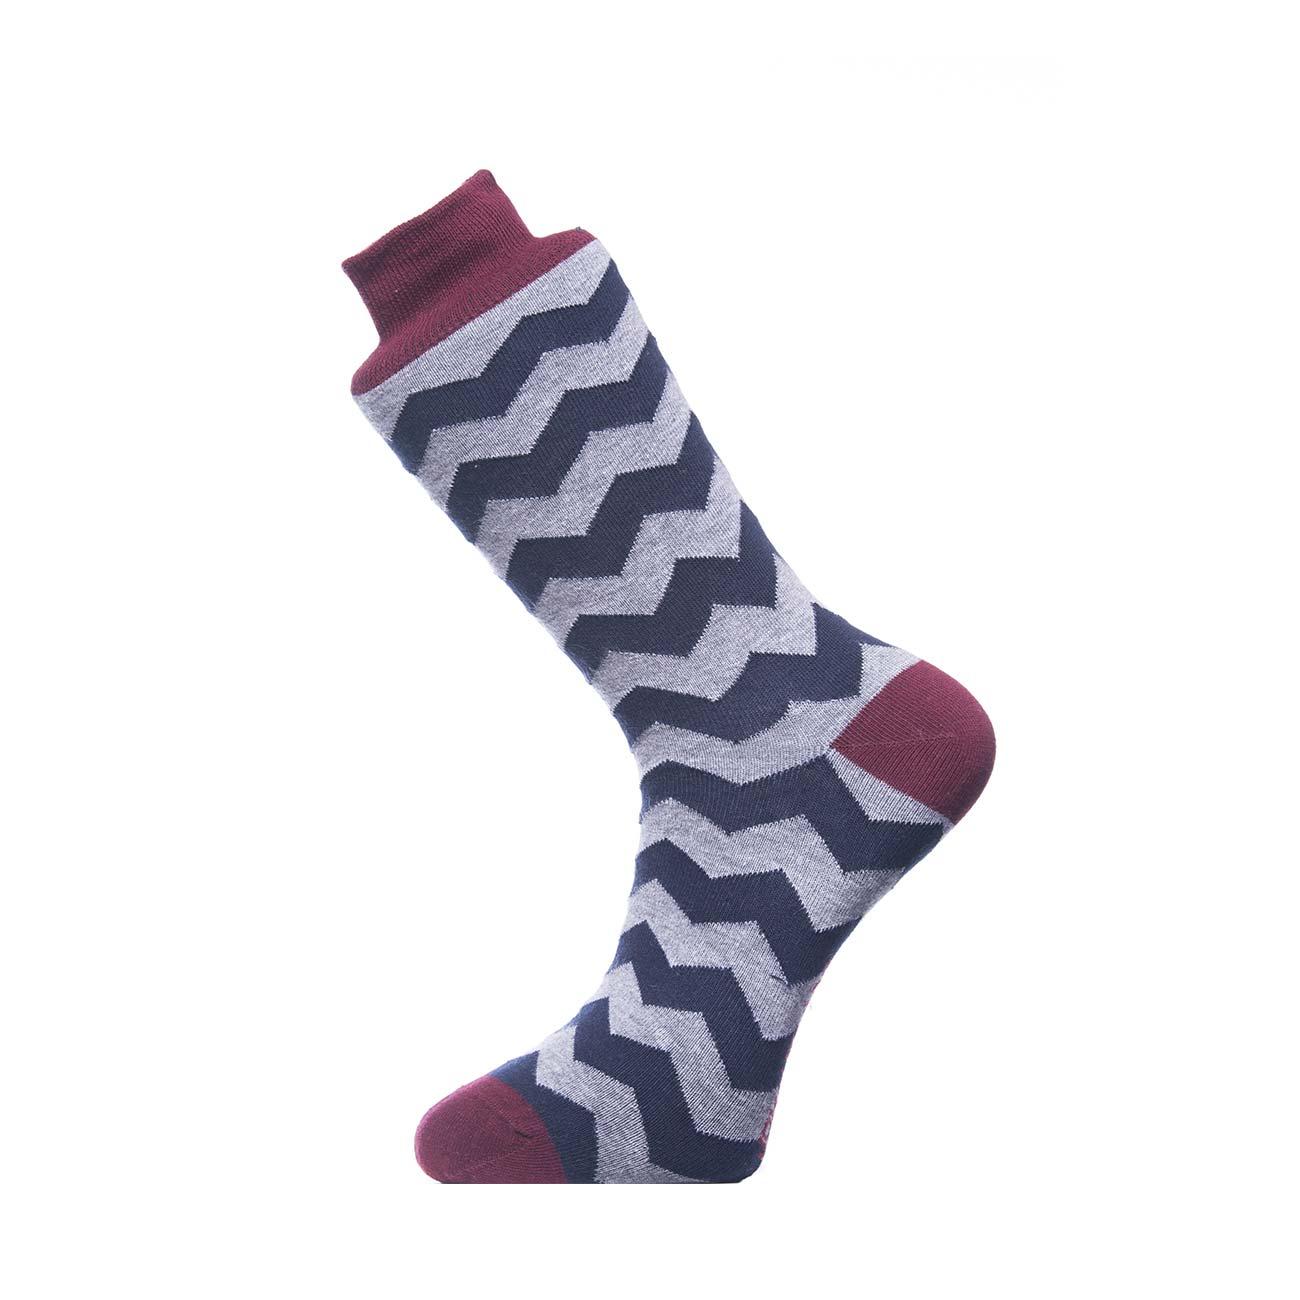 Ανδρική κάλτσα John Frank -JF3LS17W24-3 Pack Πολύχρωμη